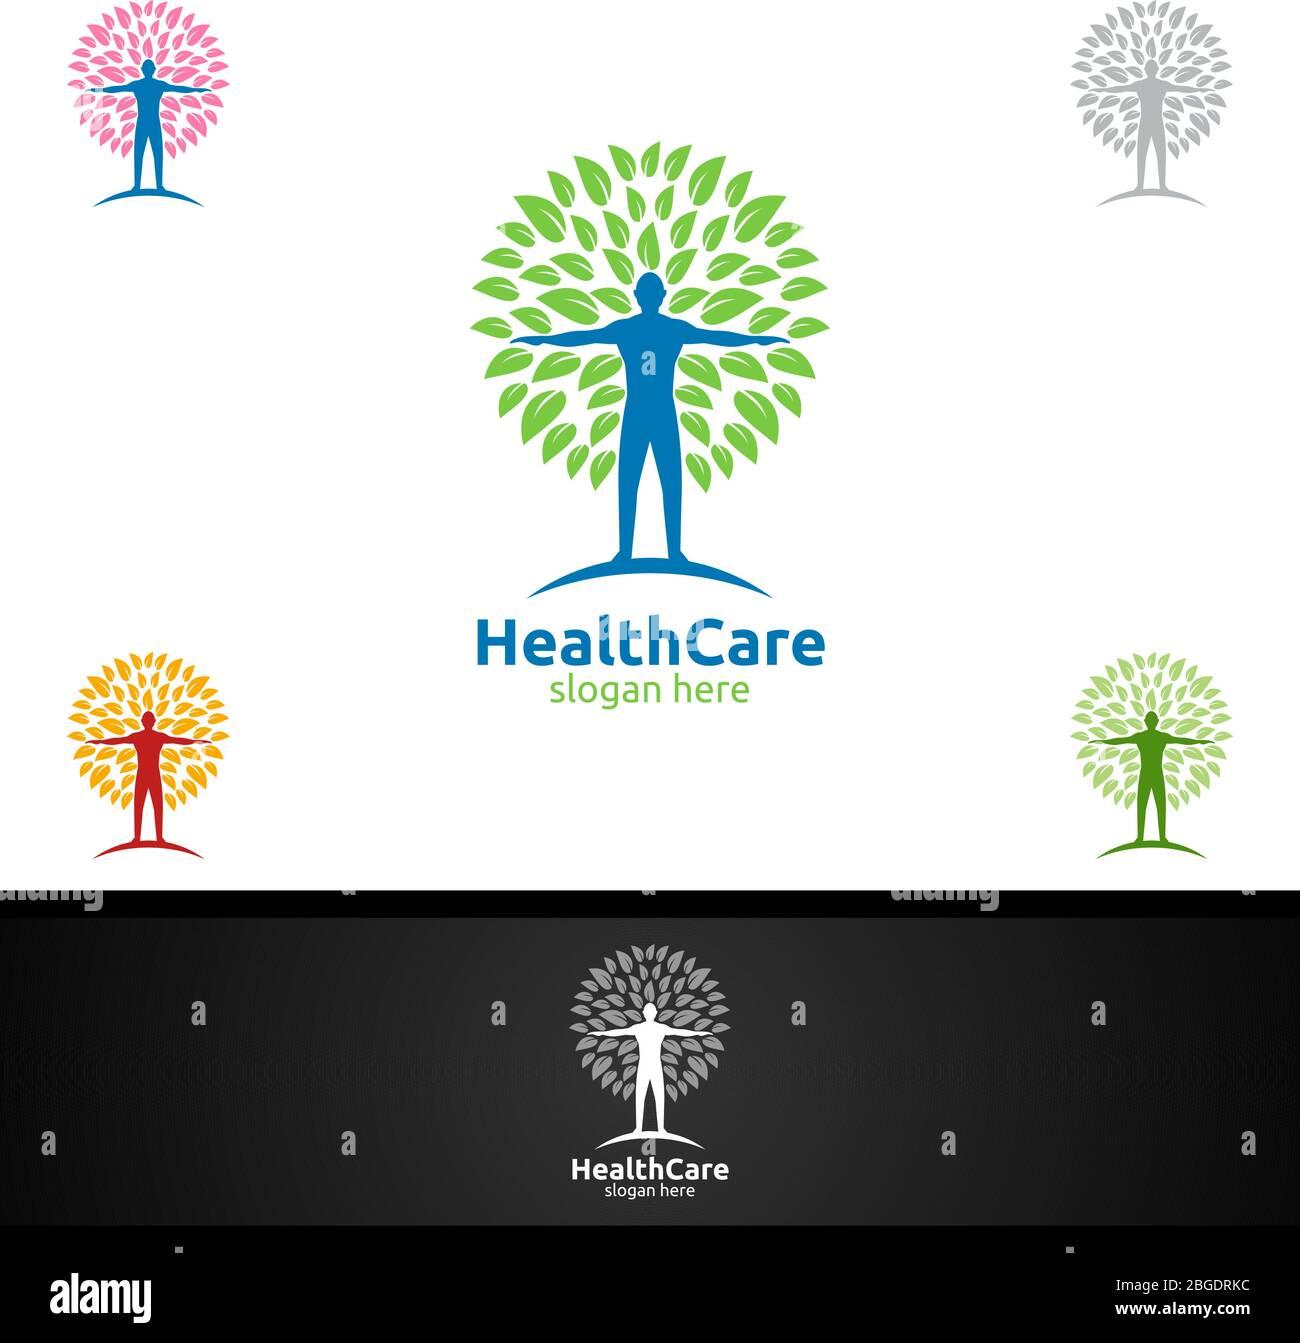 Wellness Vectors Immagini E Fotos Stock Alamy